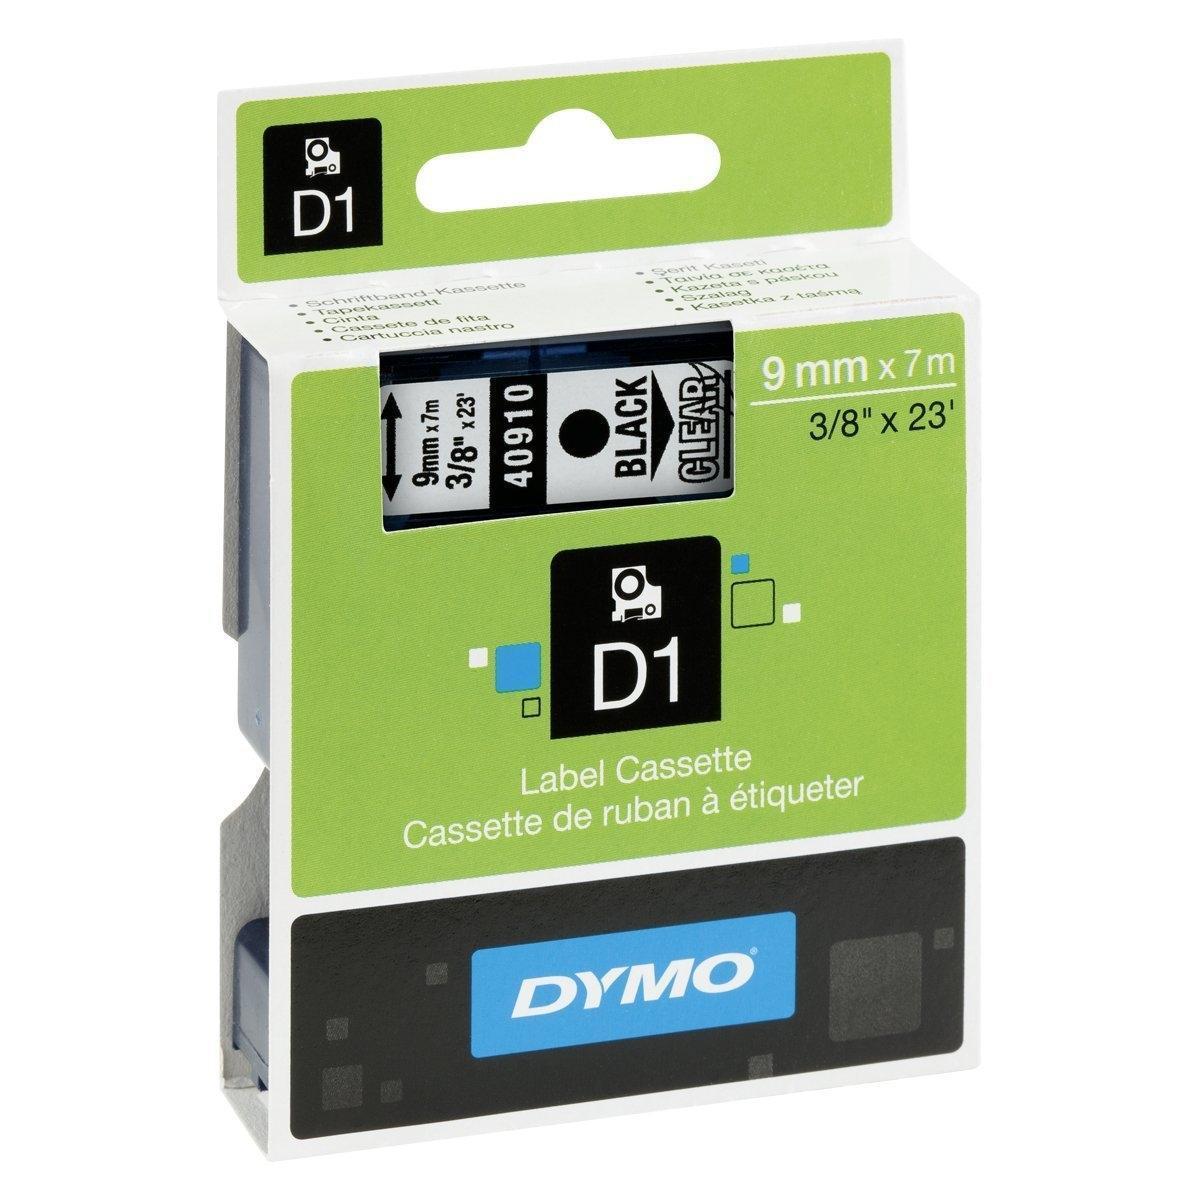 cinta negro sobre Transparente 40910 9 mm x 7m cinta-D1-estándard Dymo